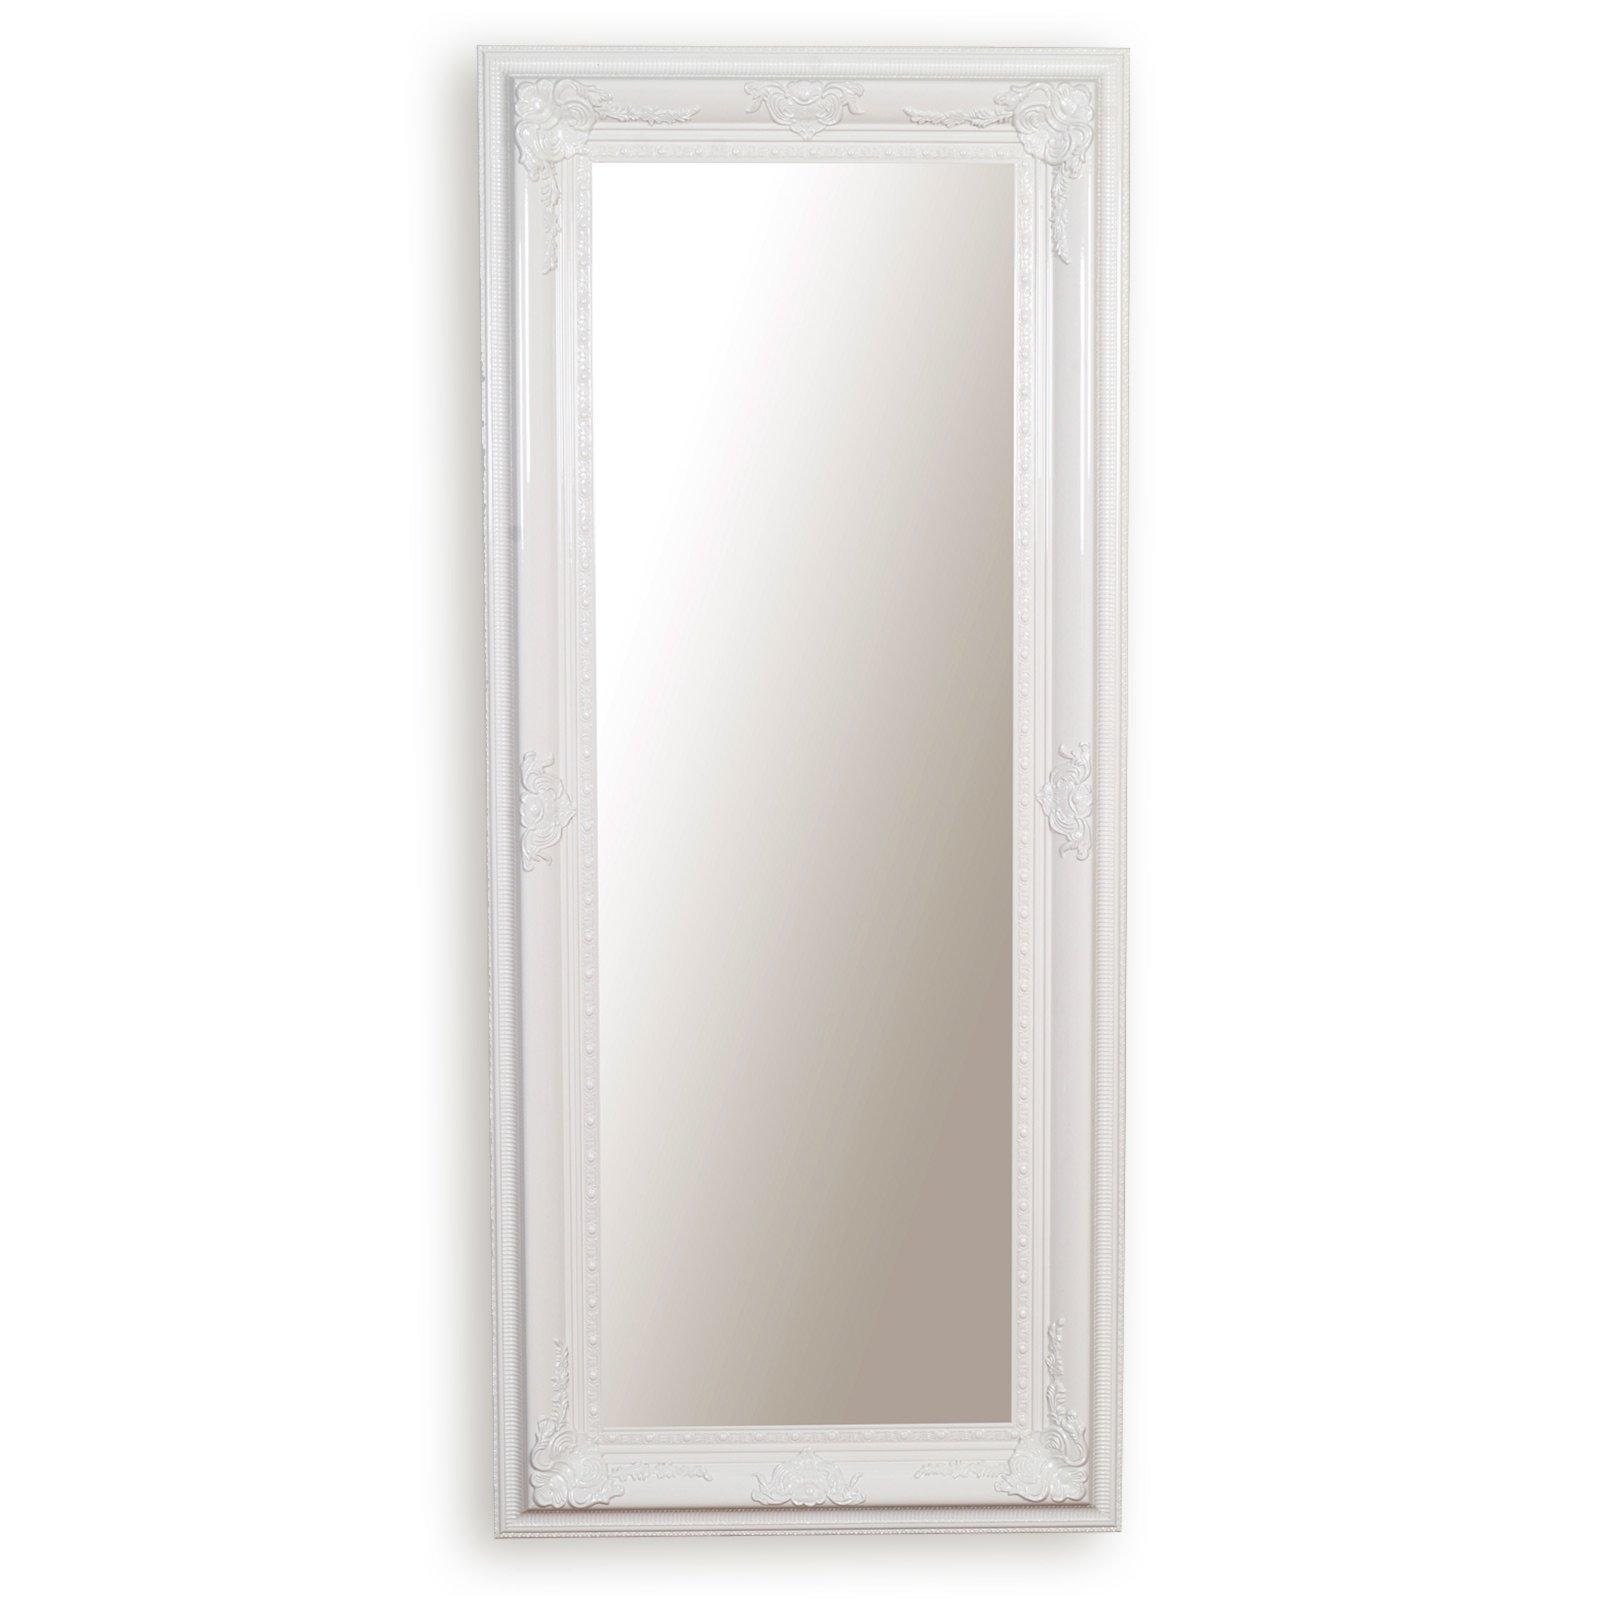 wandspiegel wei mit facettenschliff wandspiegel spiegel deko haushalt roller. Black Bedroom Furniture Sets. Home Design Ideas